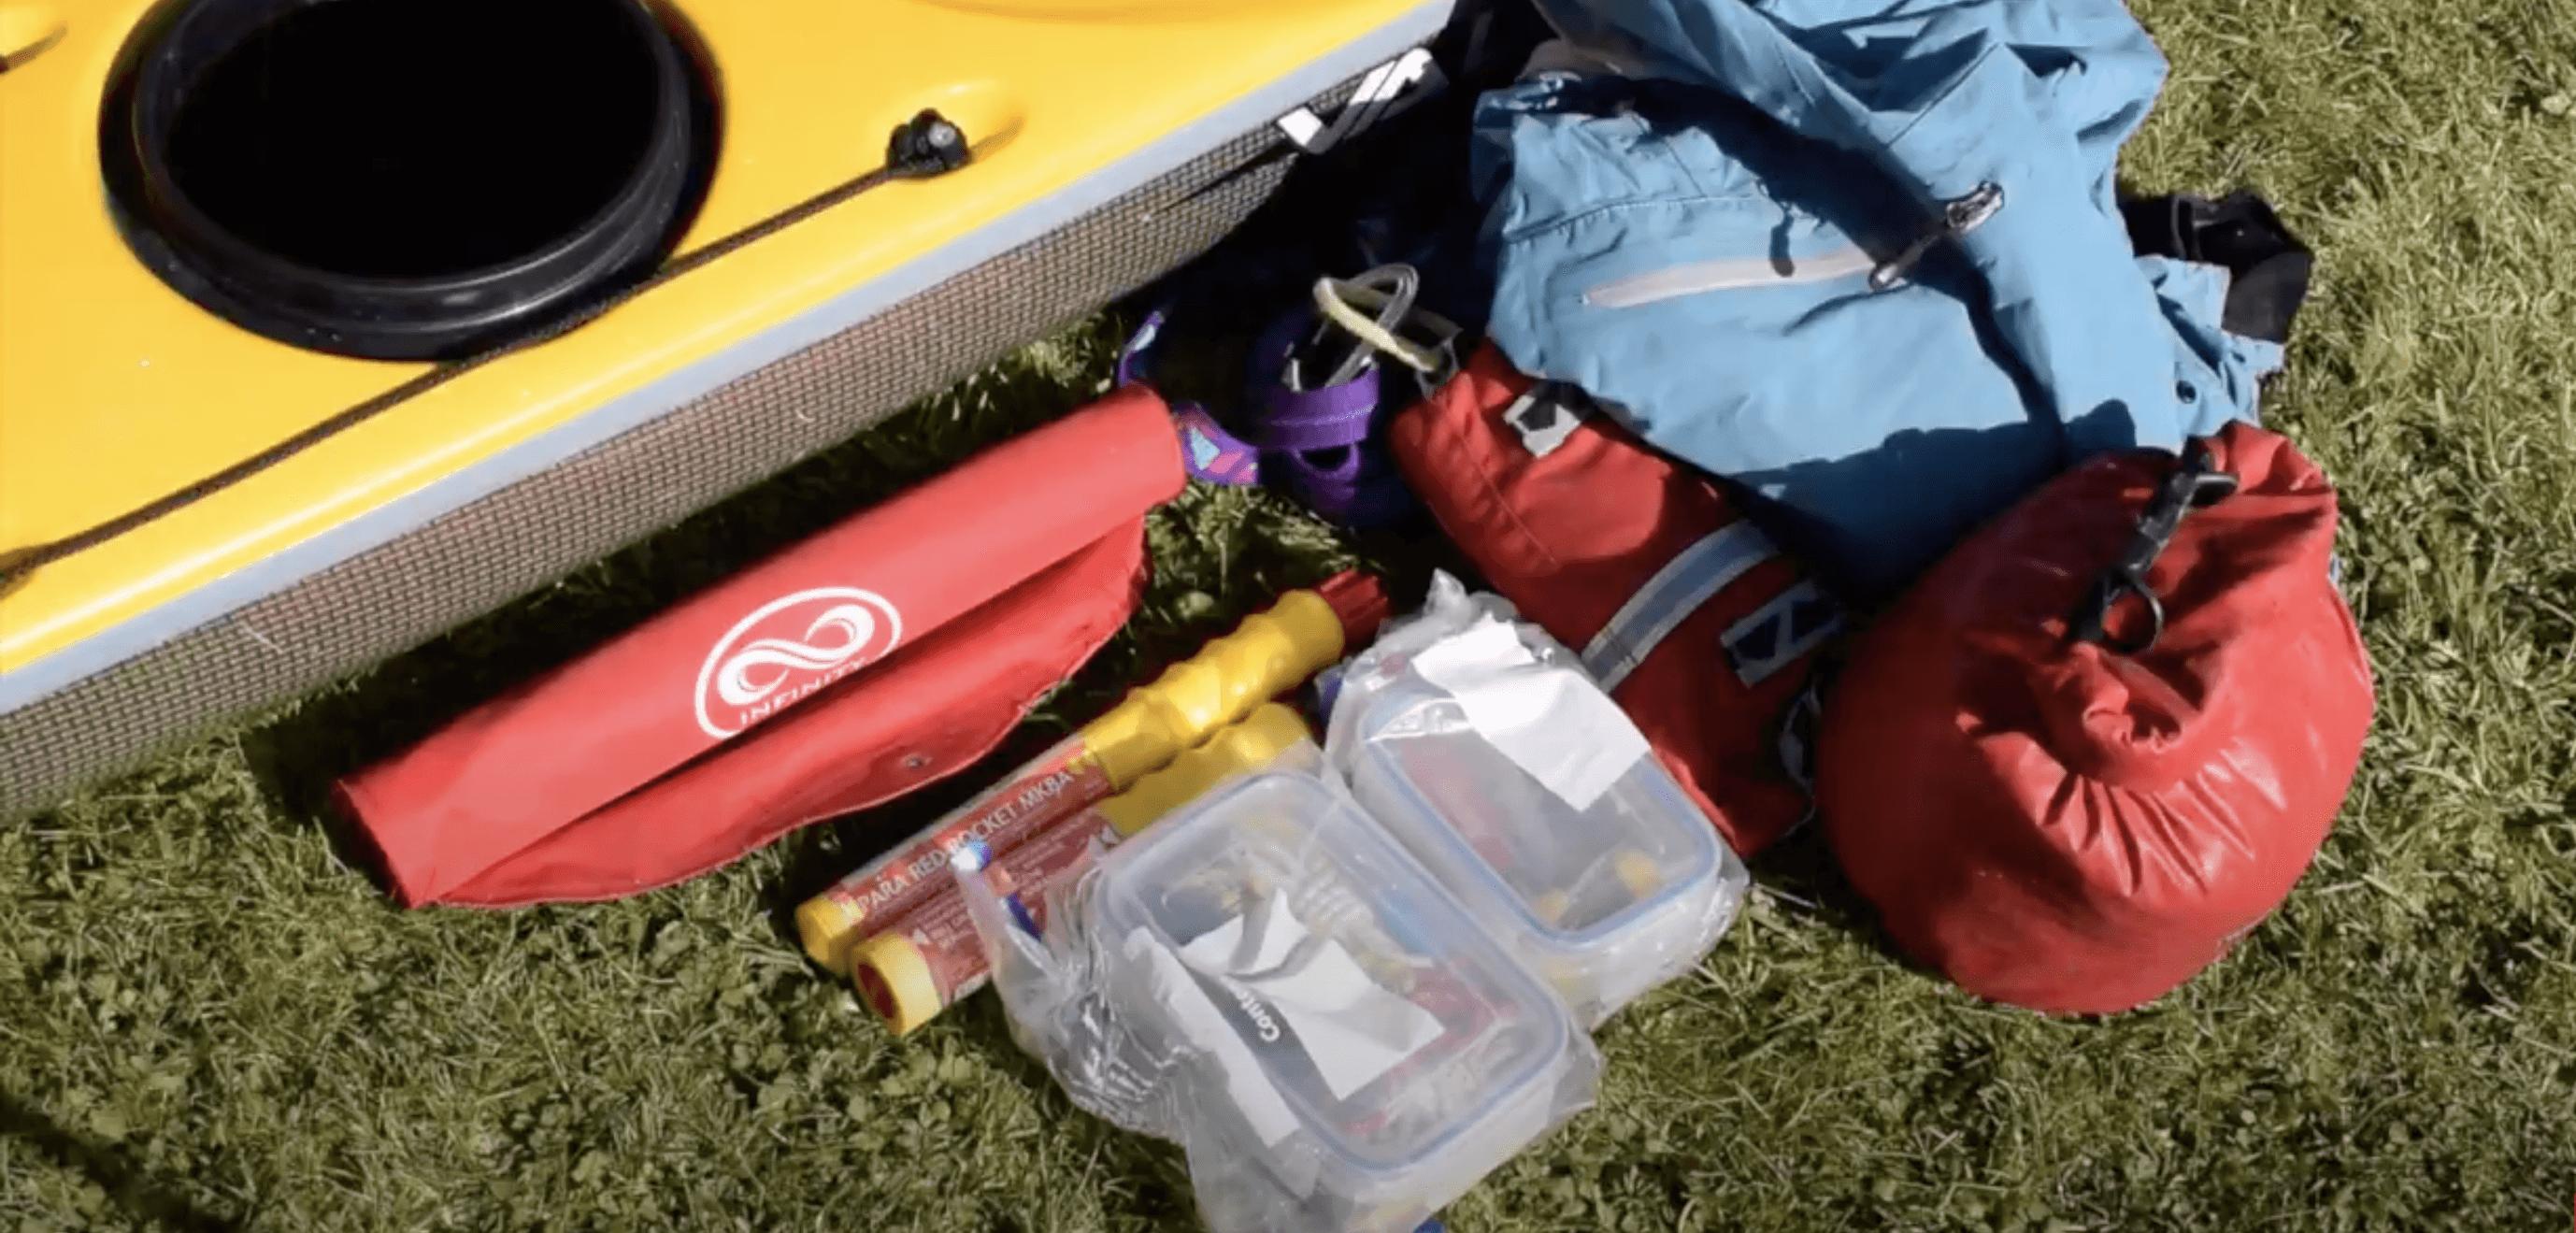 Kayak Safety Kit - Day Hatch